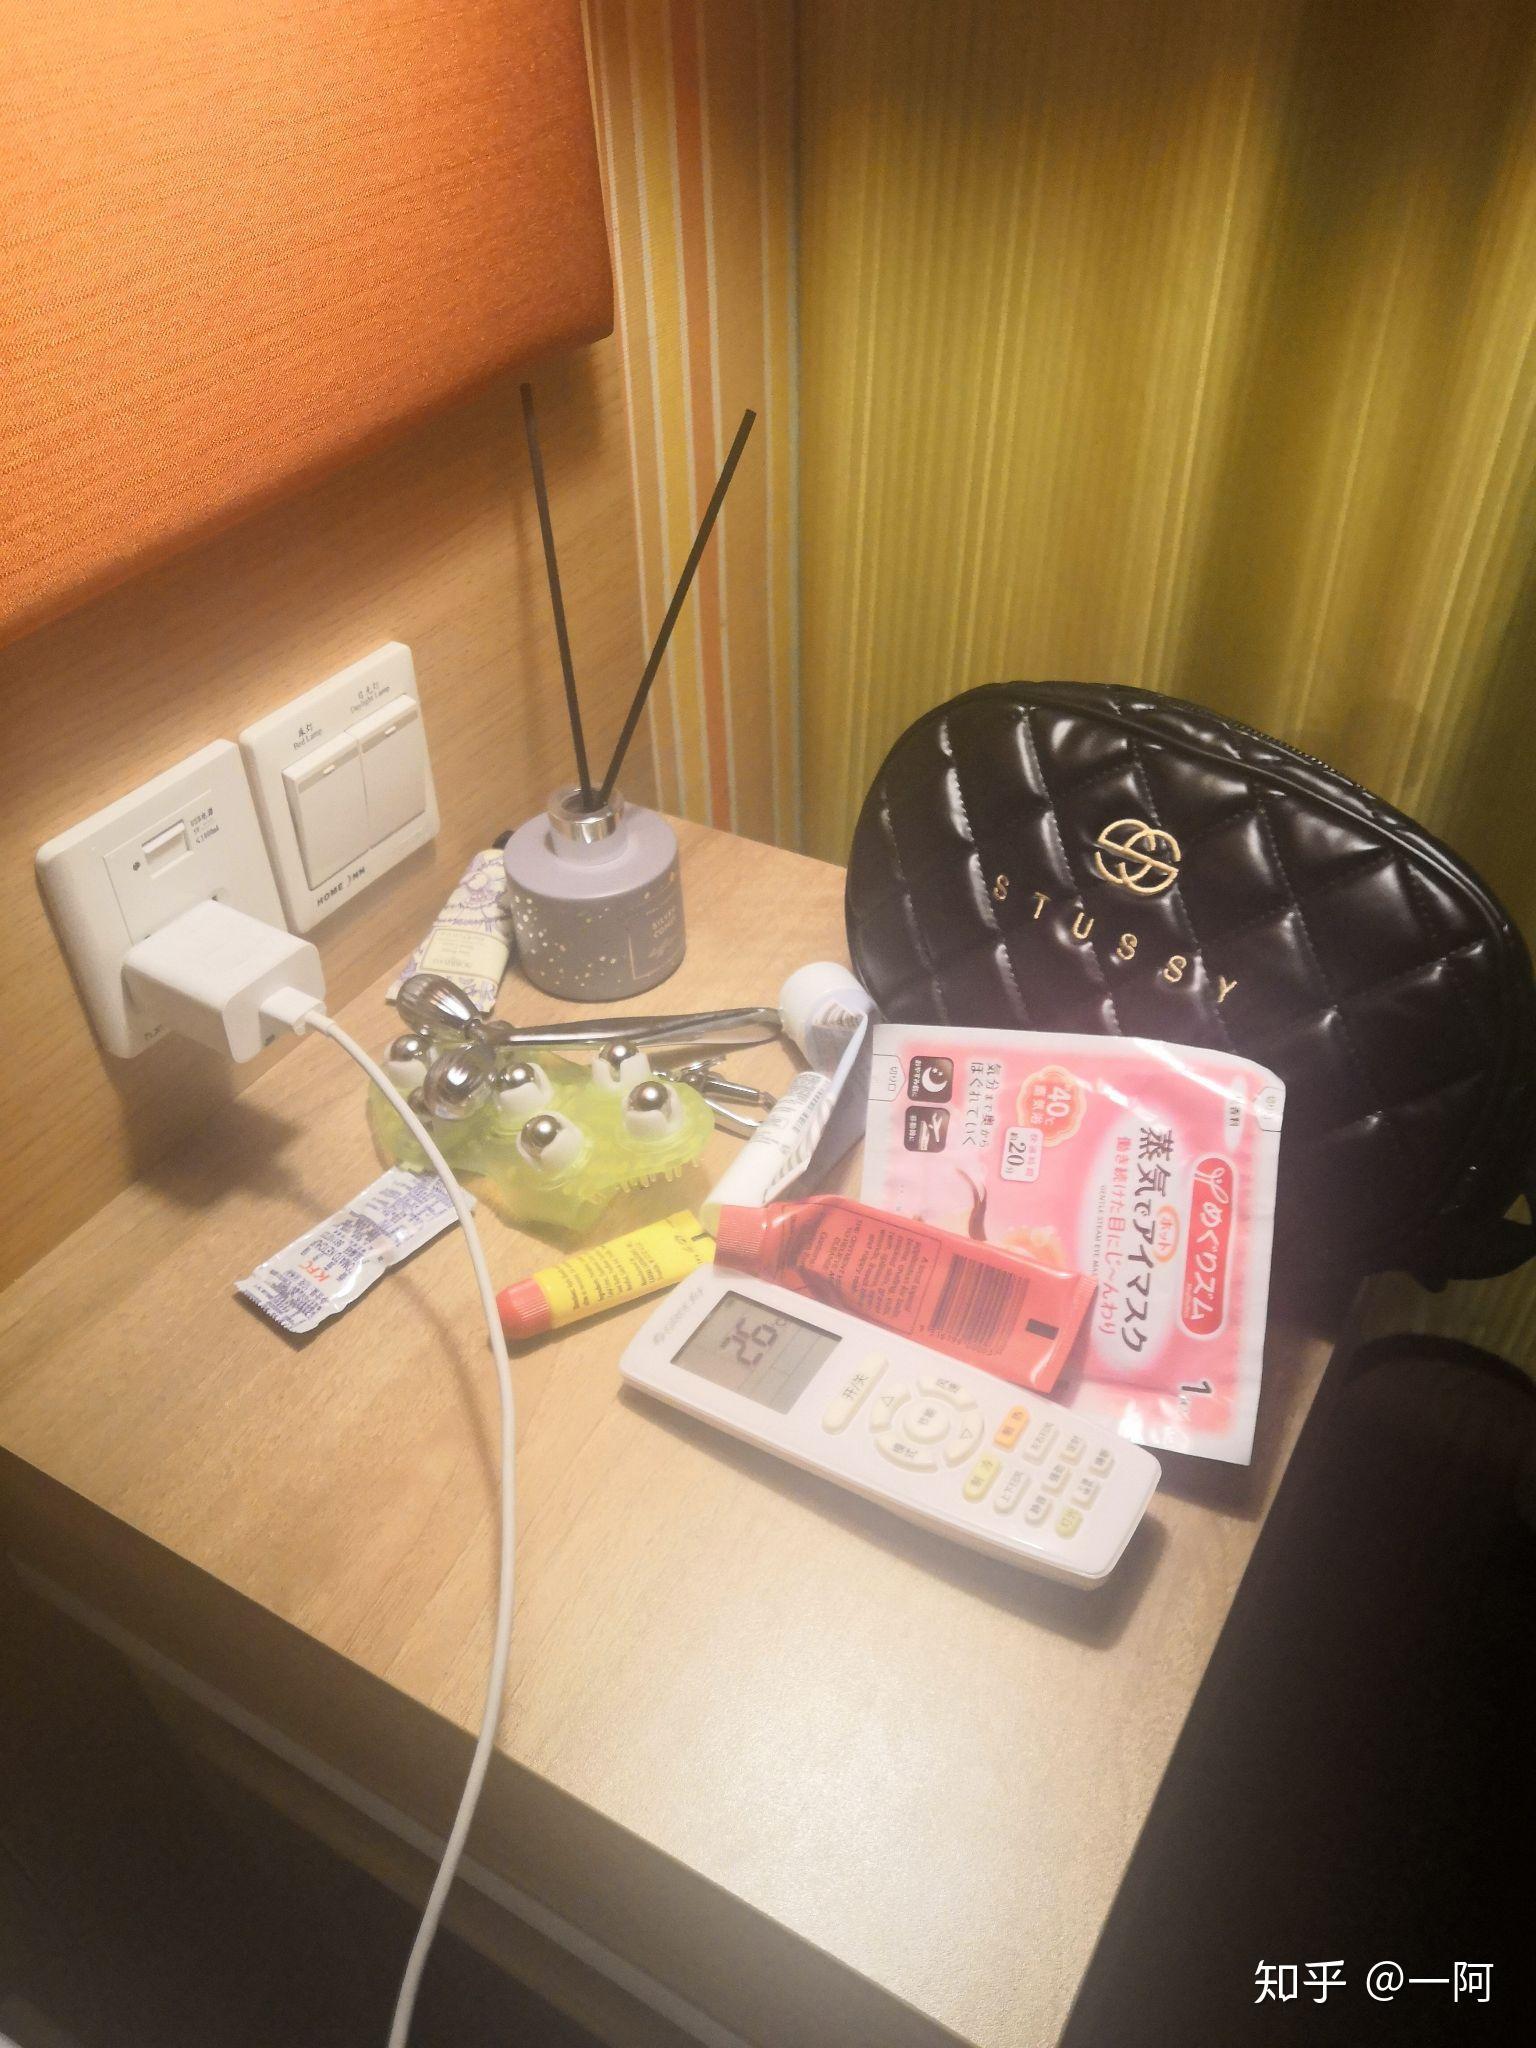 女生一个人住酒店宾馆真的会害怕么?相关的图片